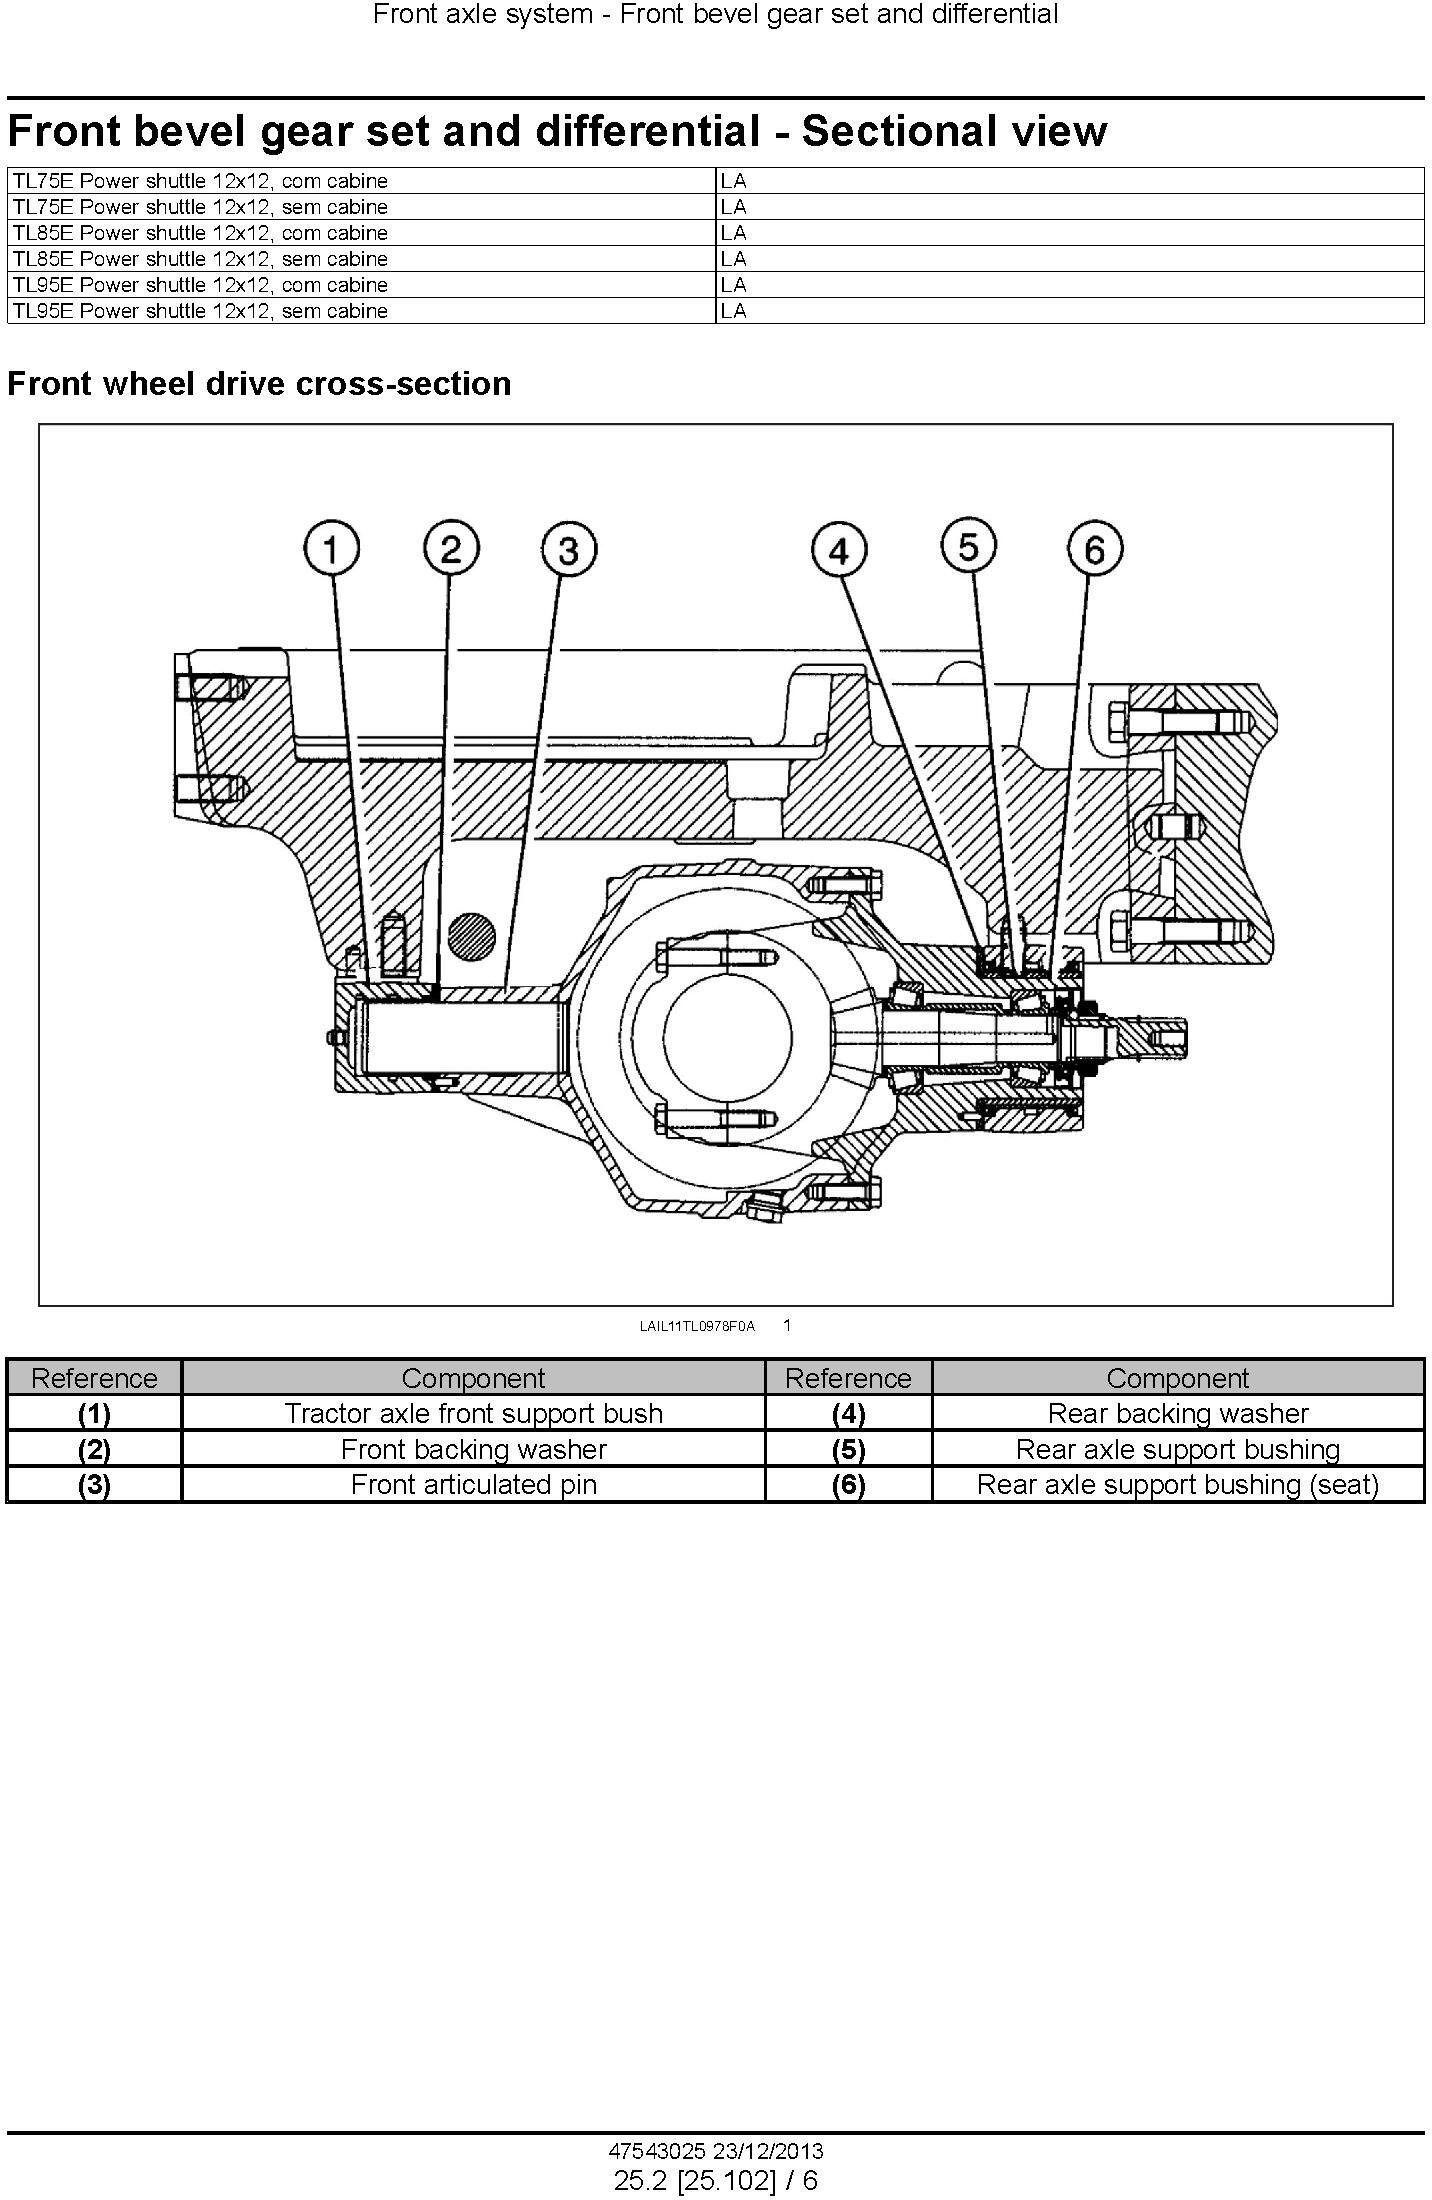 New Holland TL75E, TL85E, TL95E Power Shuttle Latin American Tractor Service Manual - 2